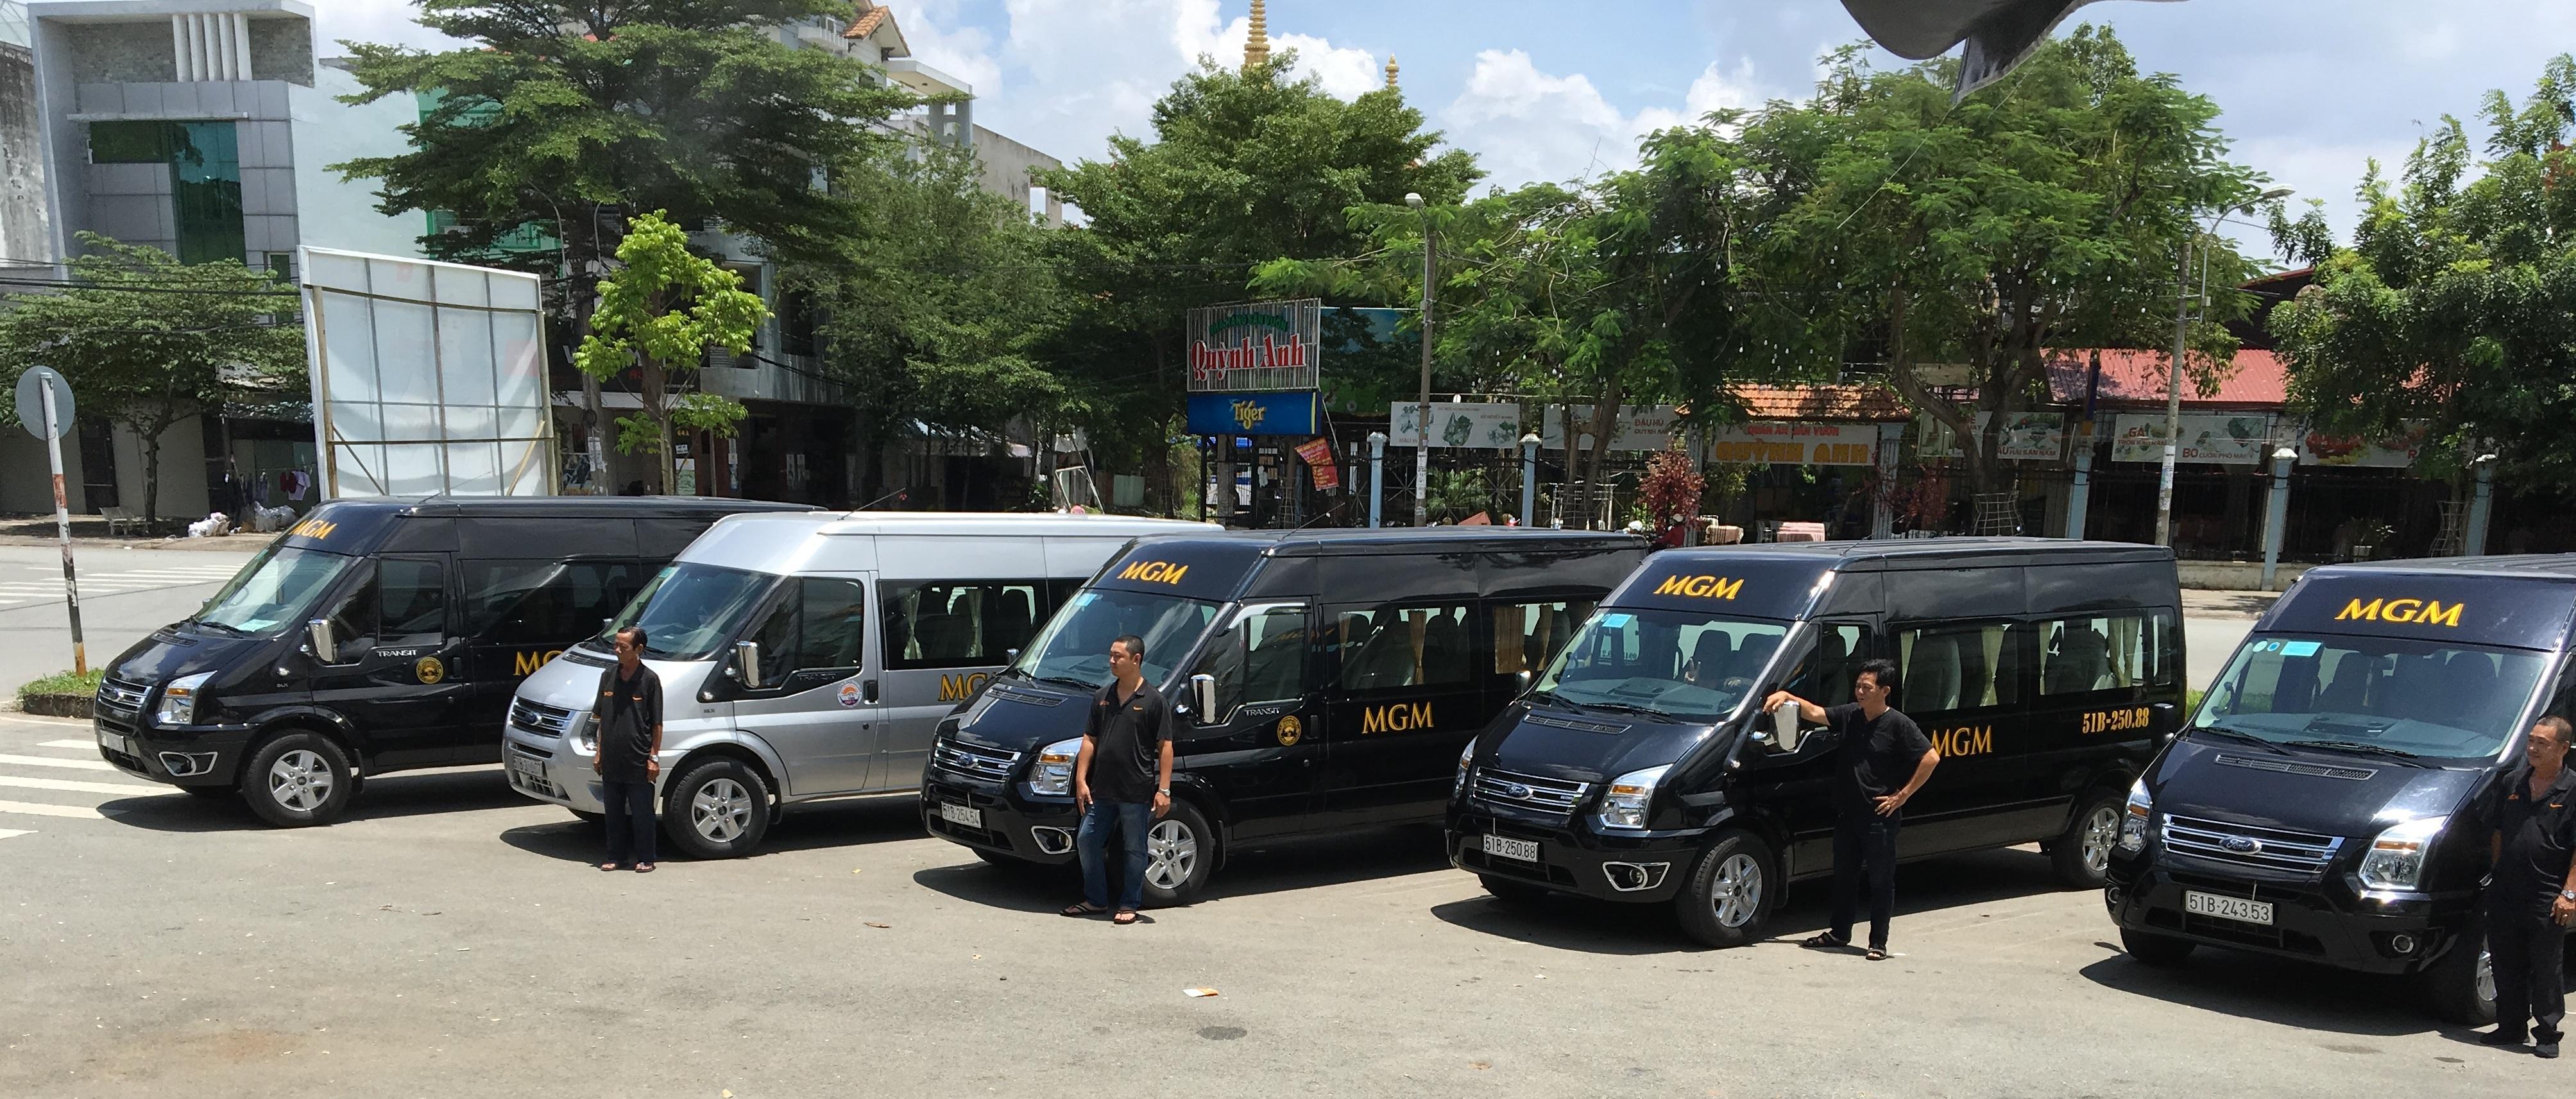 MGMcar có nhiều dòng xe cho khách hàng lựa chọn